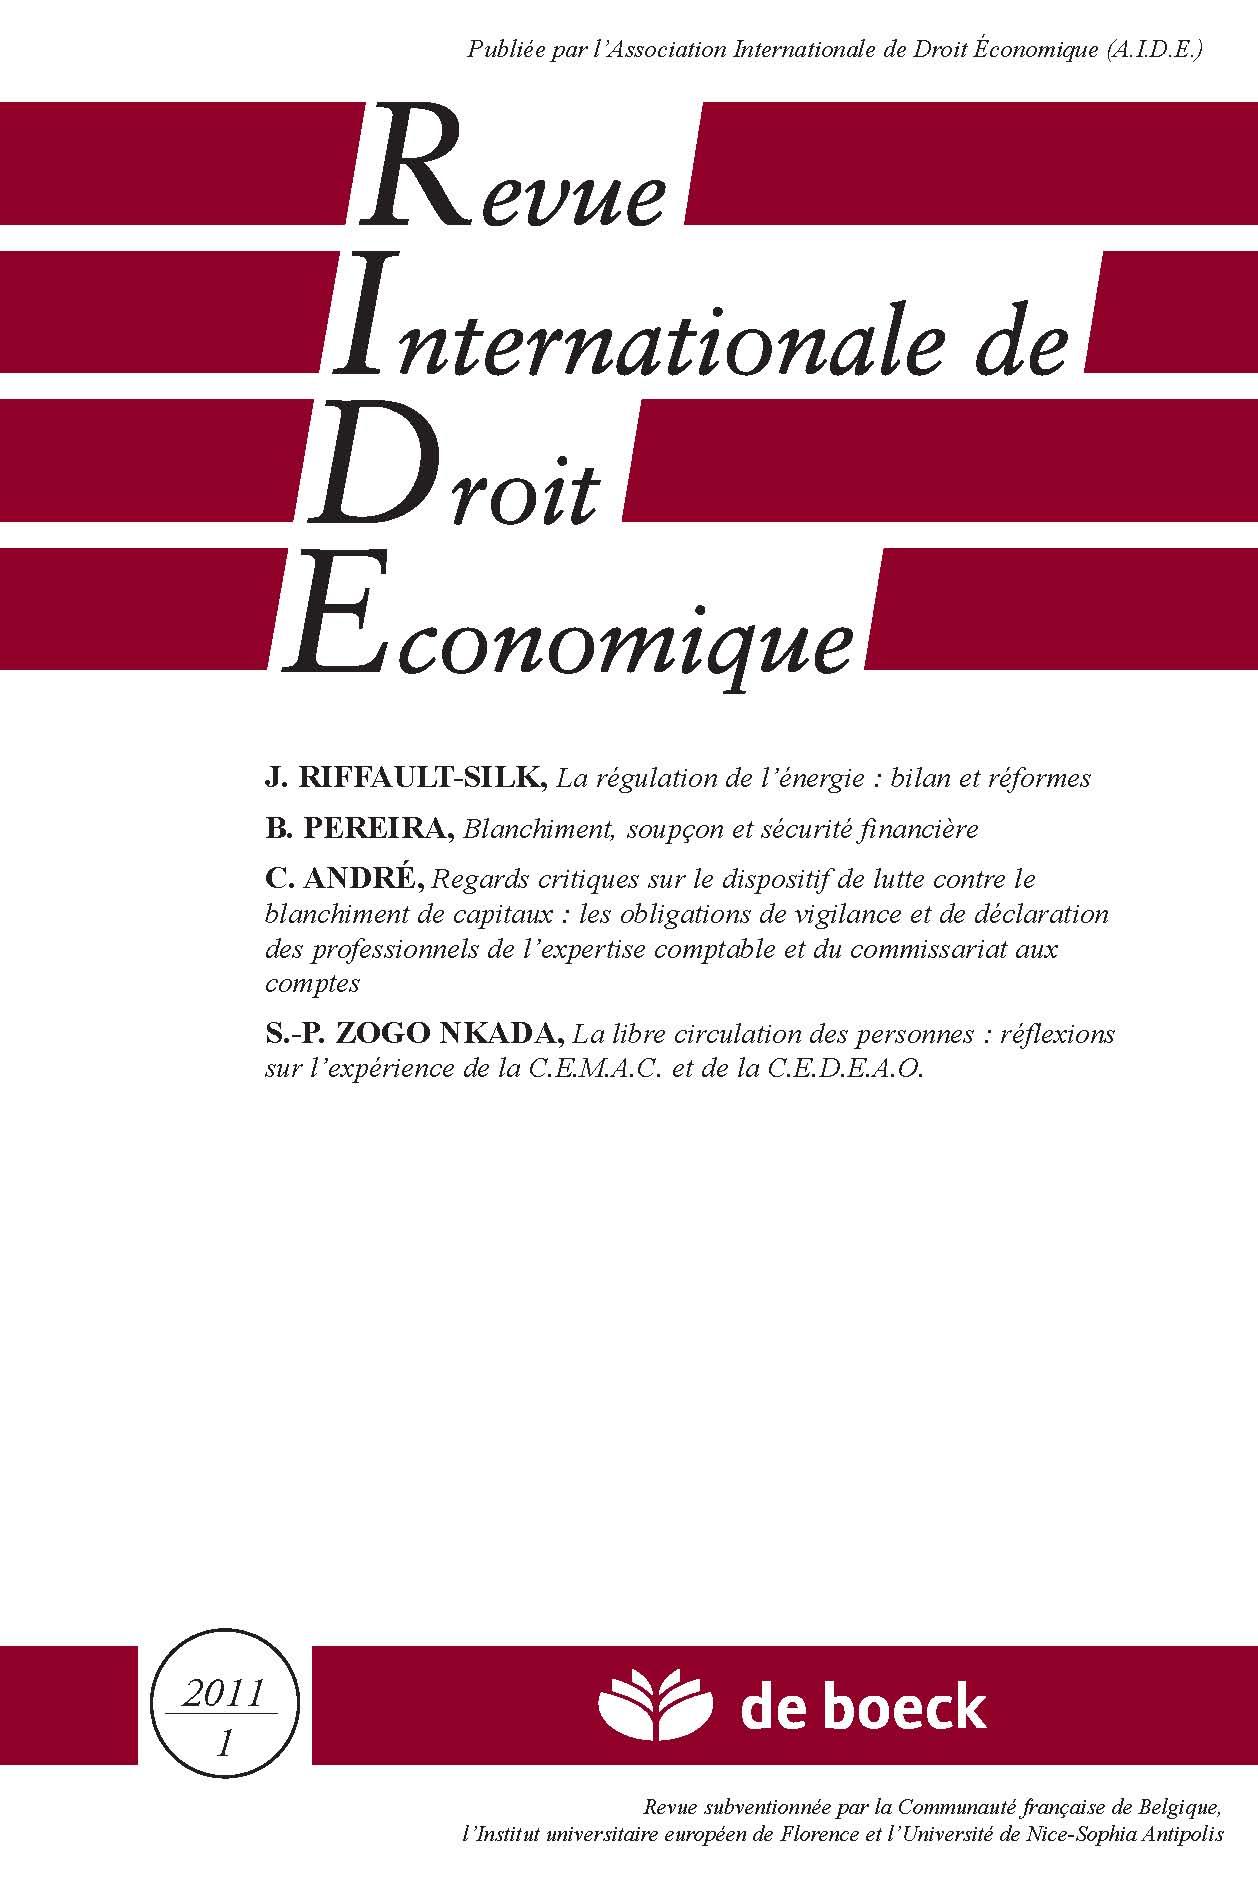 REVUE INTERNATIONALE DE DROIT ECONOMIQUE 2011/1